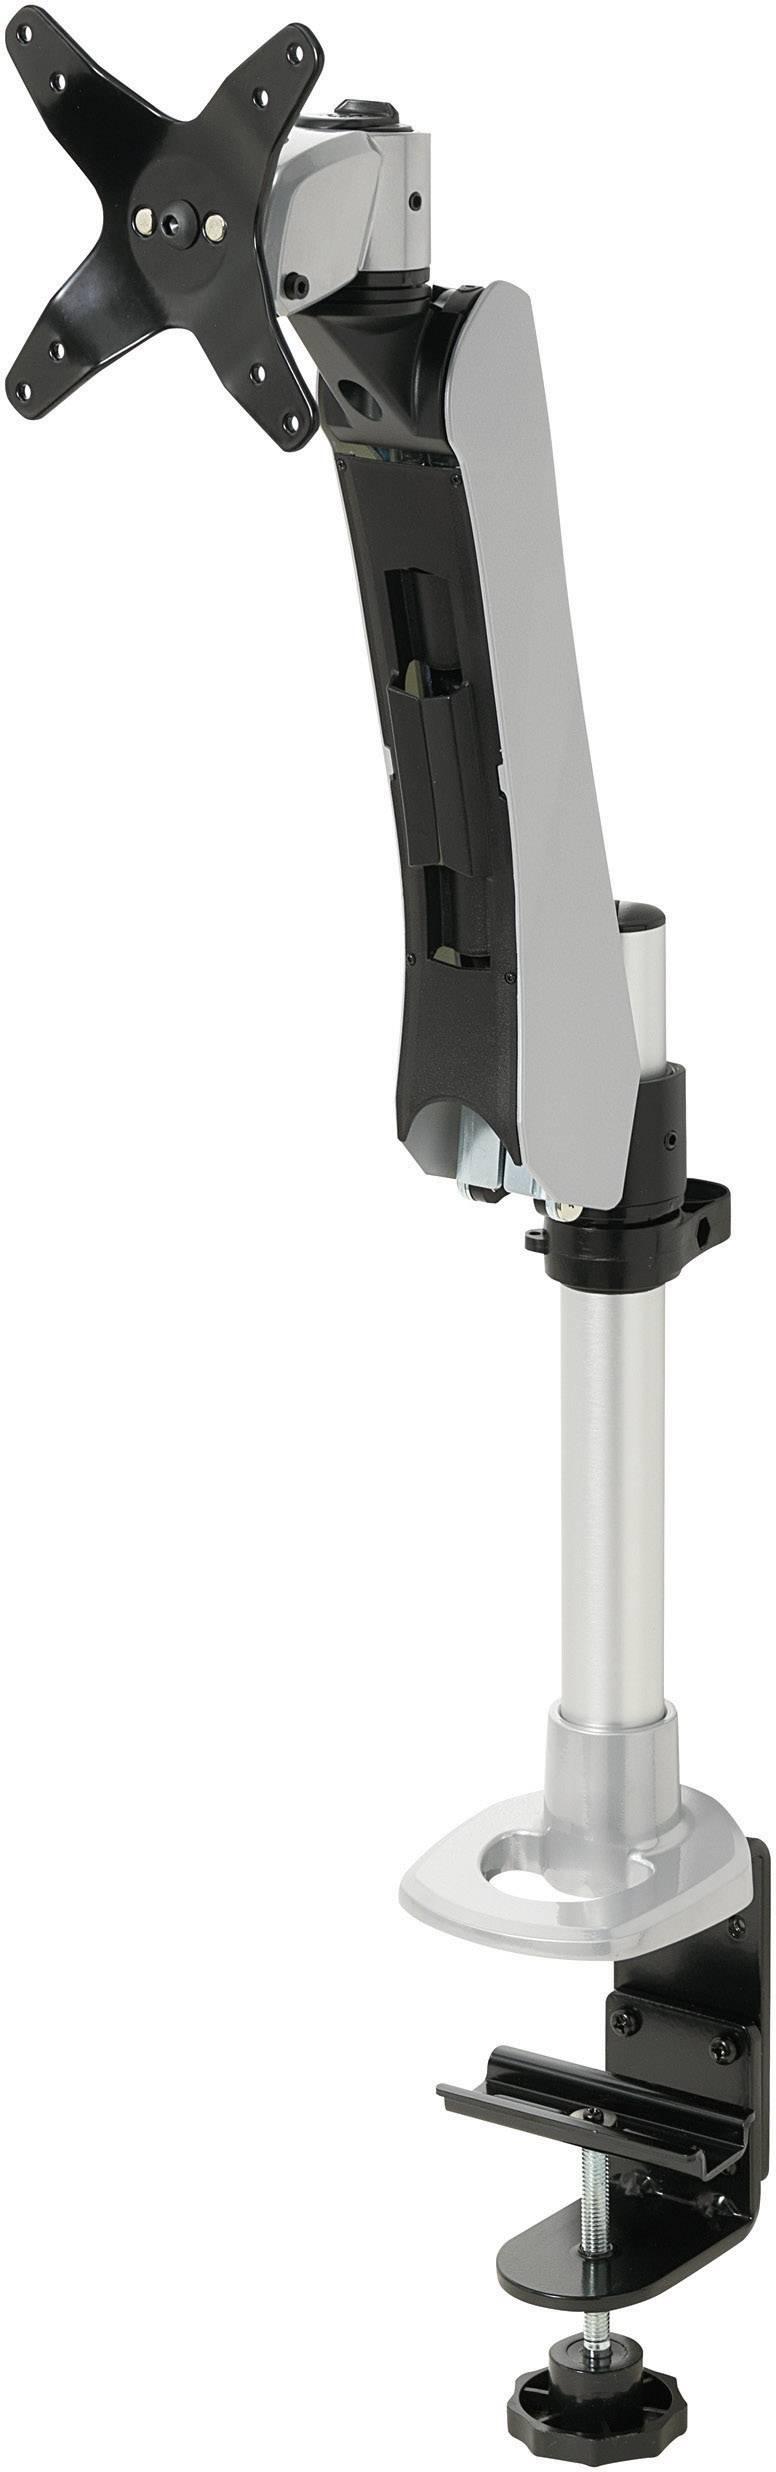 """Stolový držiak monitoru SpeaKa Professional SP-1624772, 25,4 cm (10"""") - 76,2 cm (30""""), striebornočierná"""